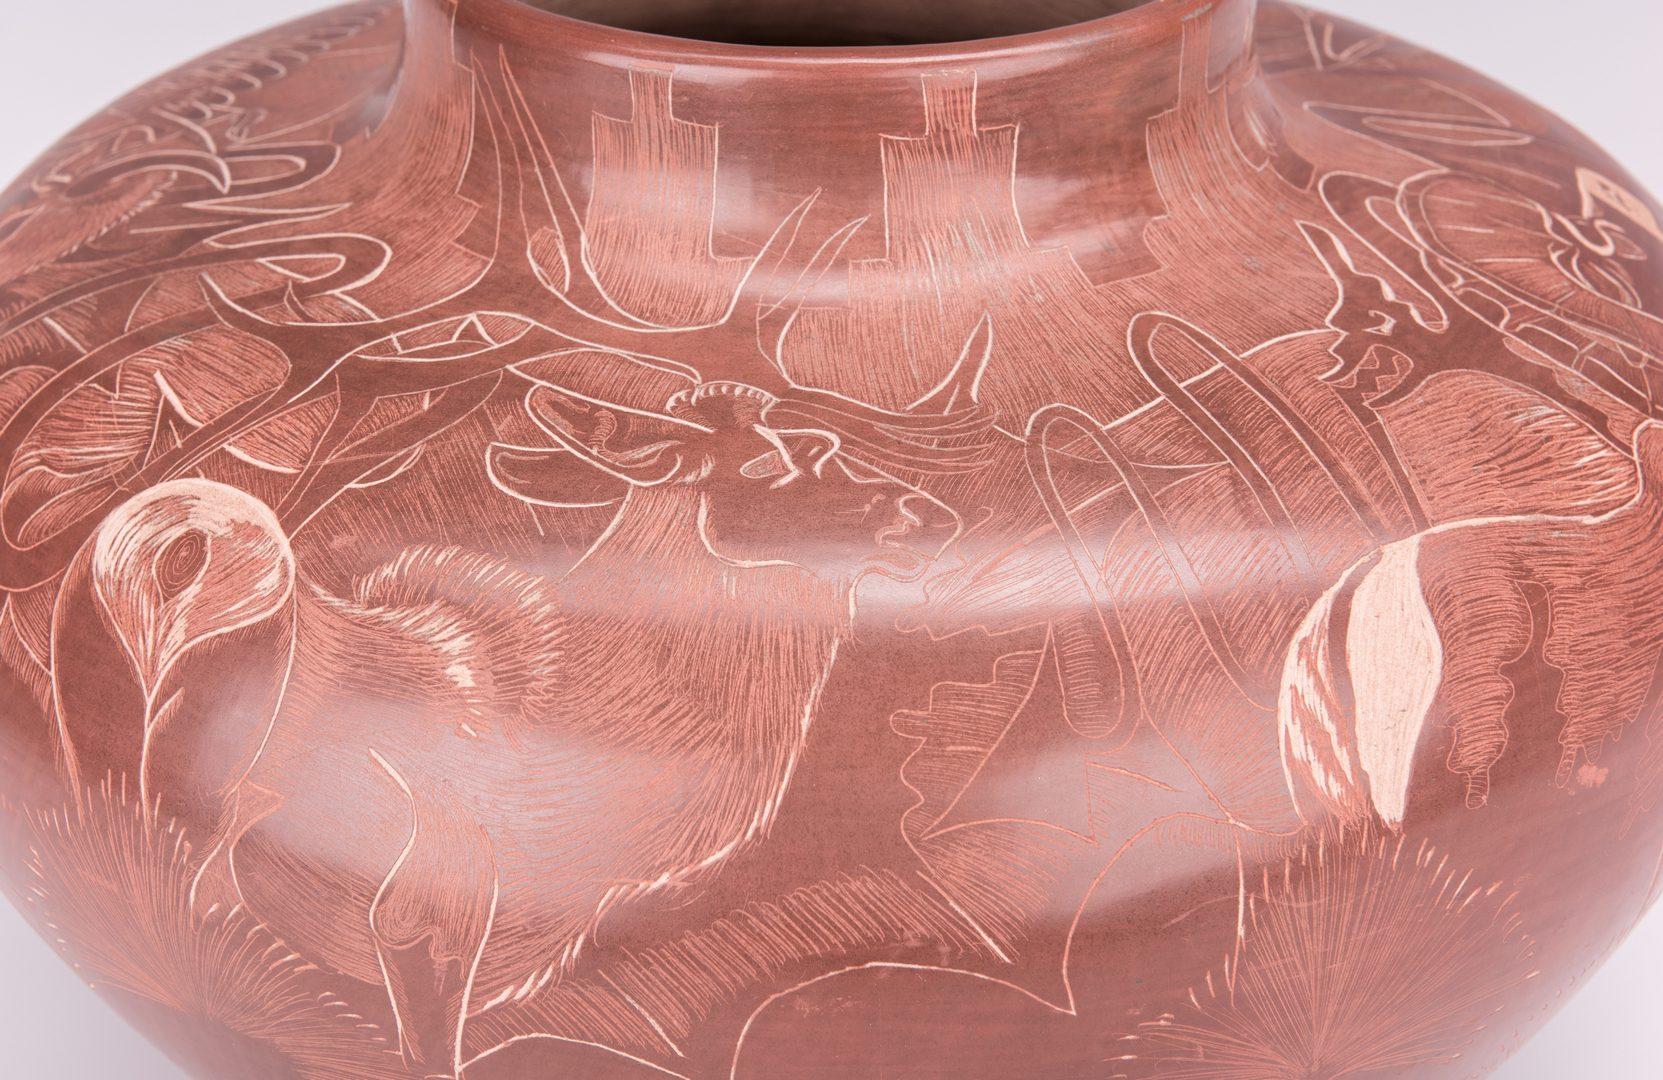 Lot 798: Large Santa Clara Jar, Paul Naranjo